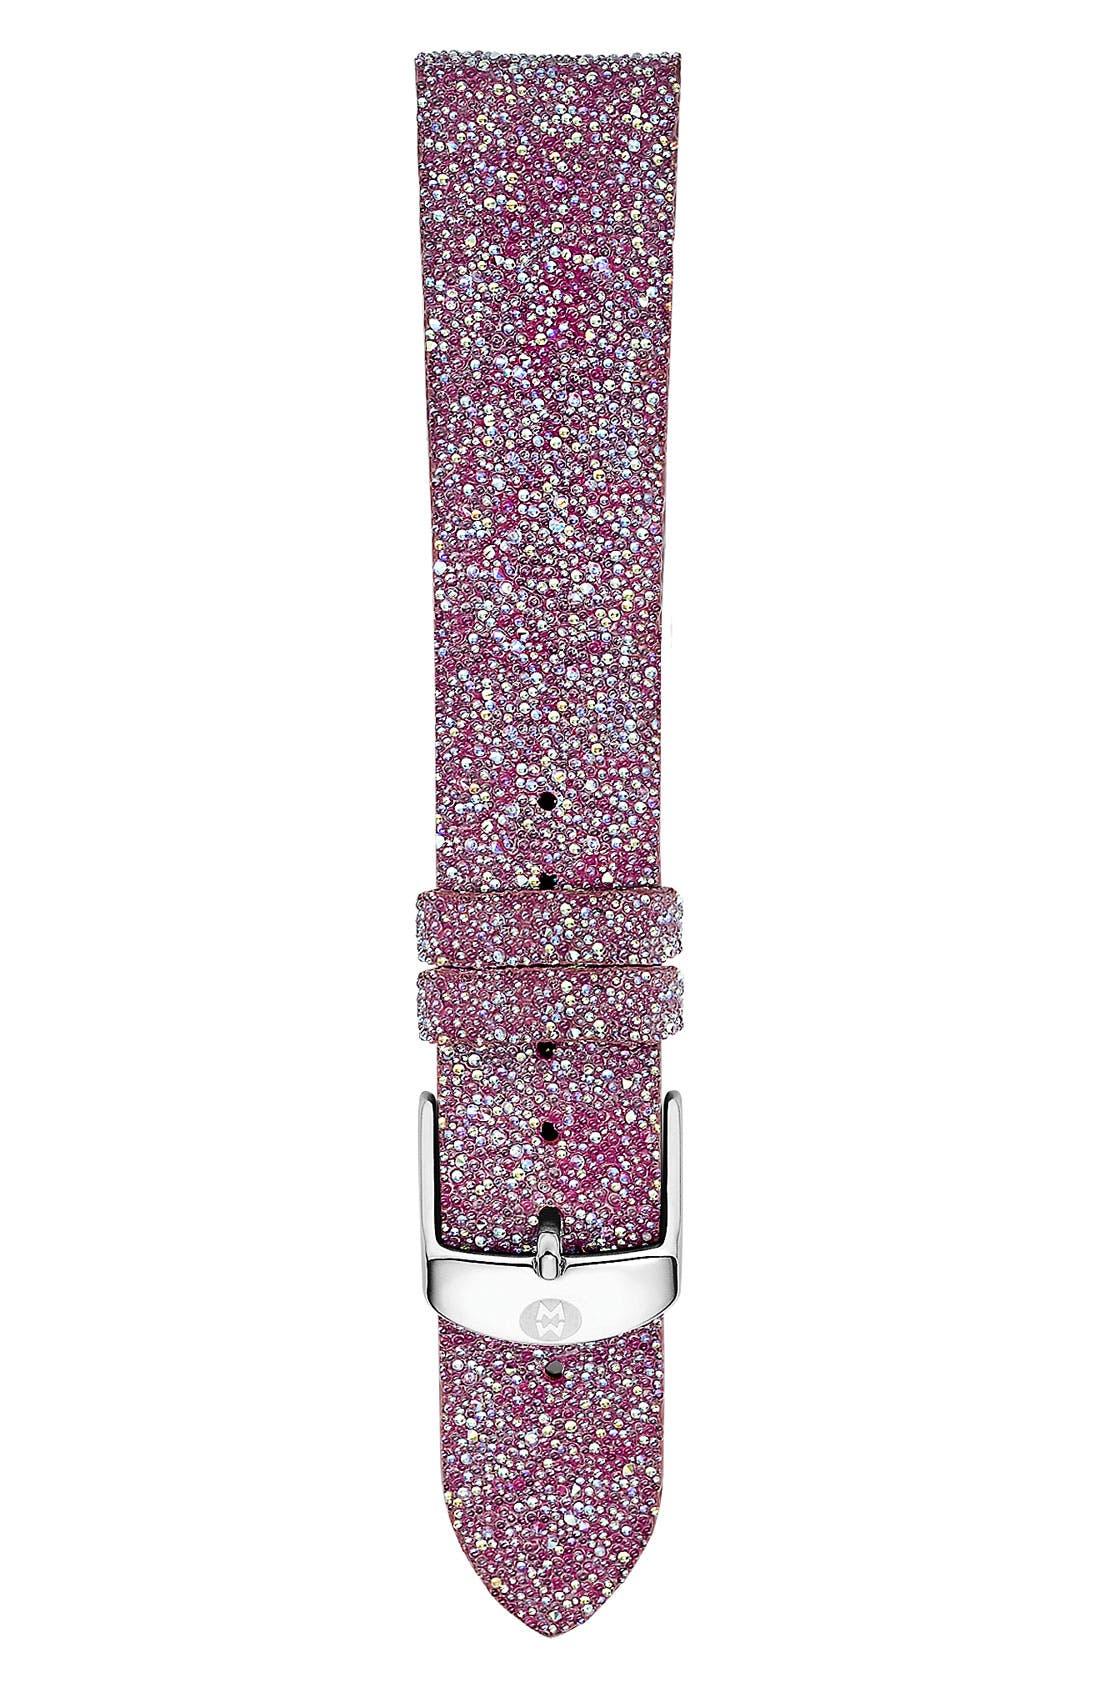 Main Image - MICHELE 16mm Glitter Watch Strap